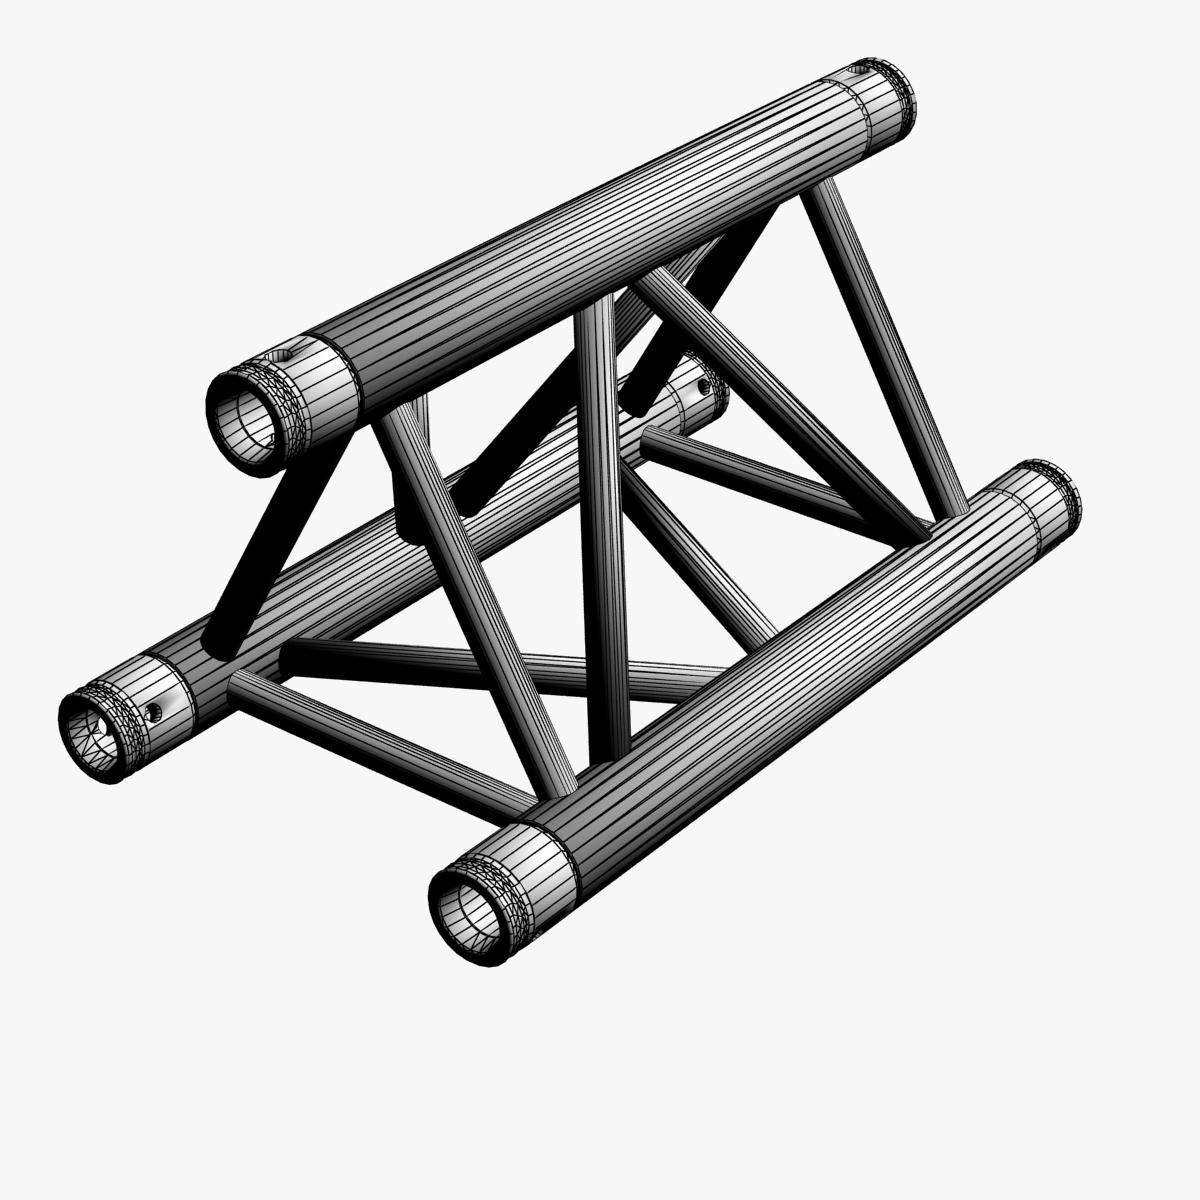 Triangular Truss Straight Segment 71 3d model 3ds max dxf fbx b3d c4d  obj 268962